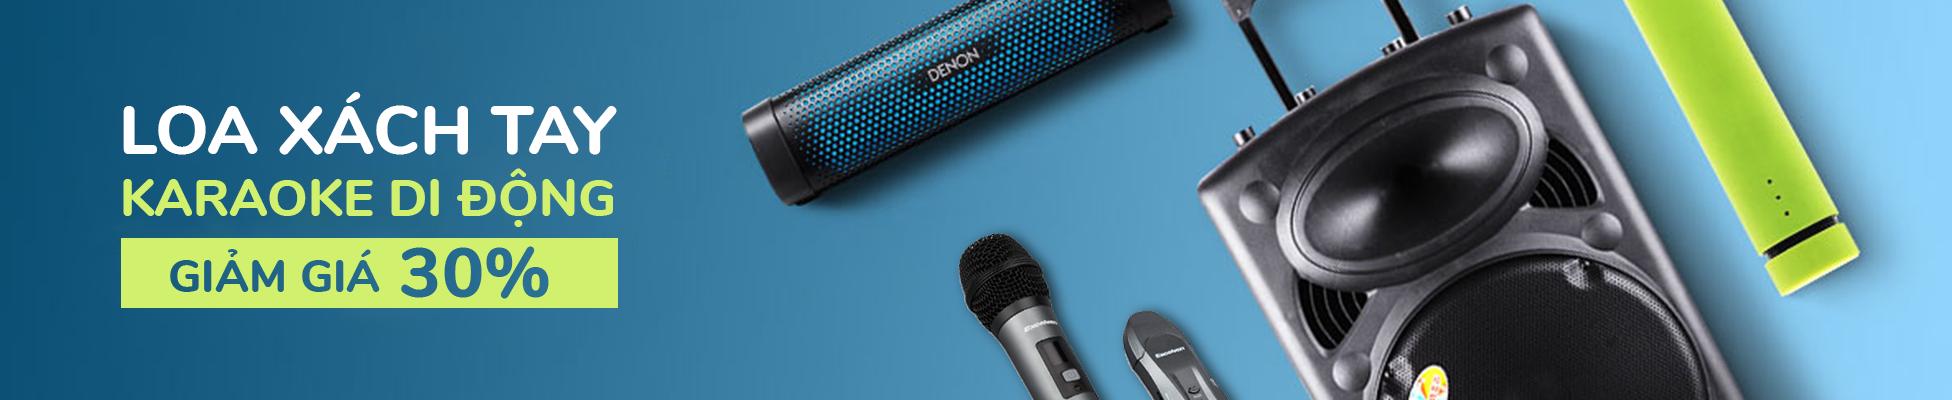 Loa xách tay karaoke bluetooth di động giá rẻ, bảo hành tại TP.CHM